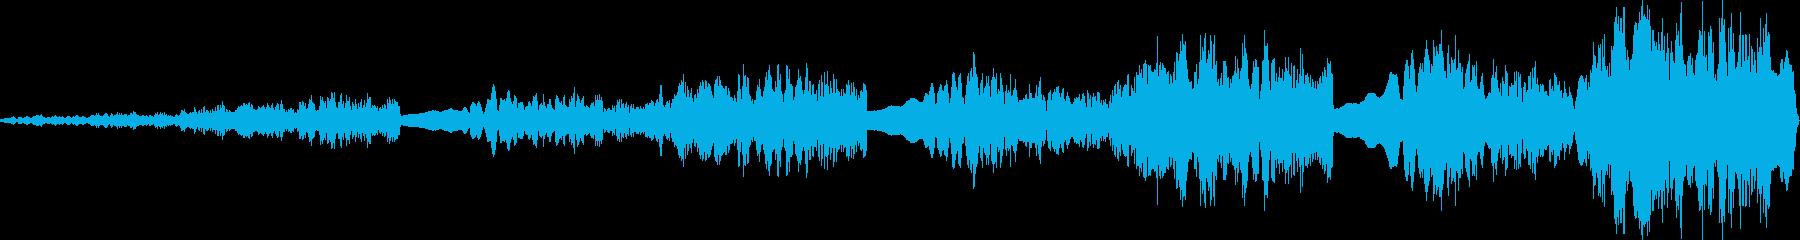 オドロオドロしい登場のBGMの再生済みの波形